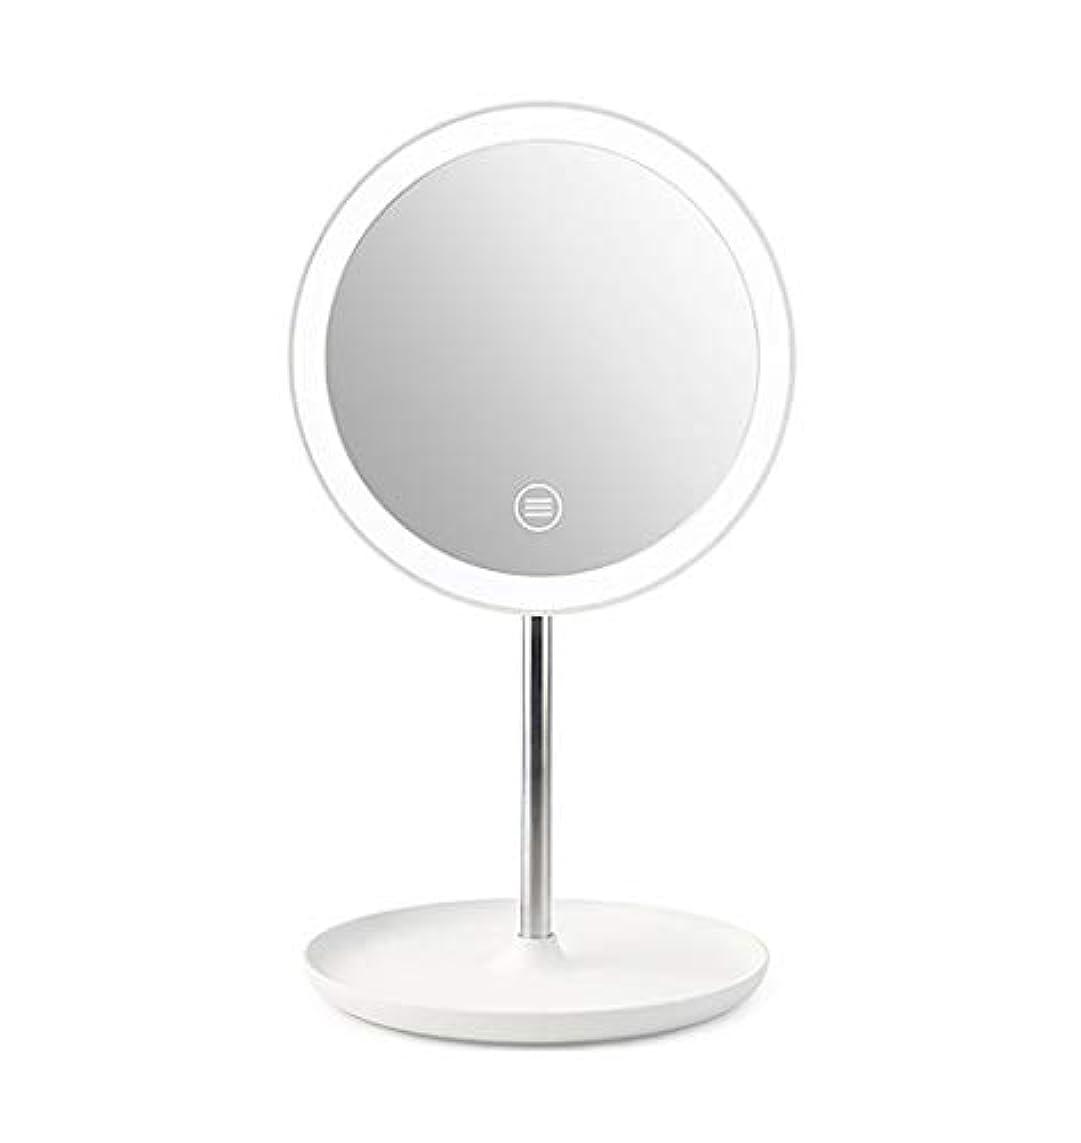 いたずらご注意侵入LED化粧鏡コンパクト、スタンド付き化粧鏡LEDライト付き照明付きバニティミラー調光可能なタッチスクリーン卓上化粧鏡180°回転USB充電